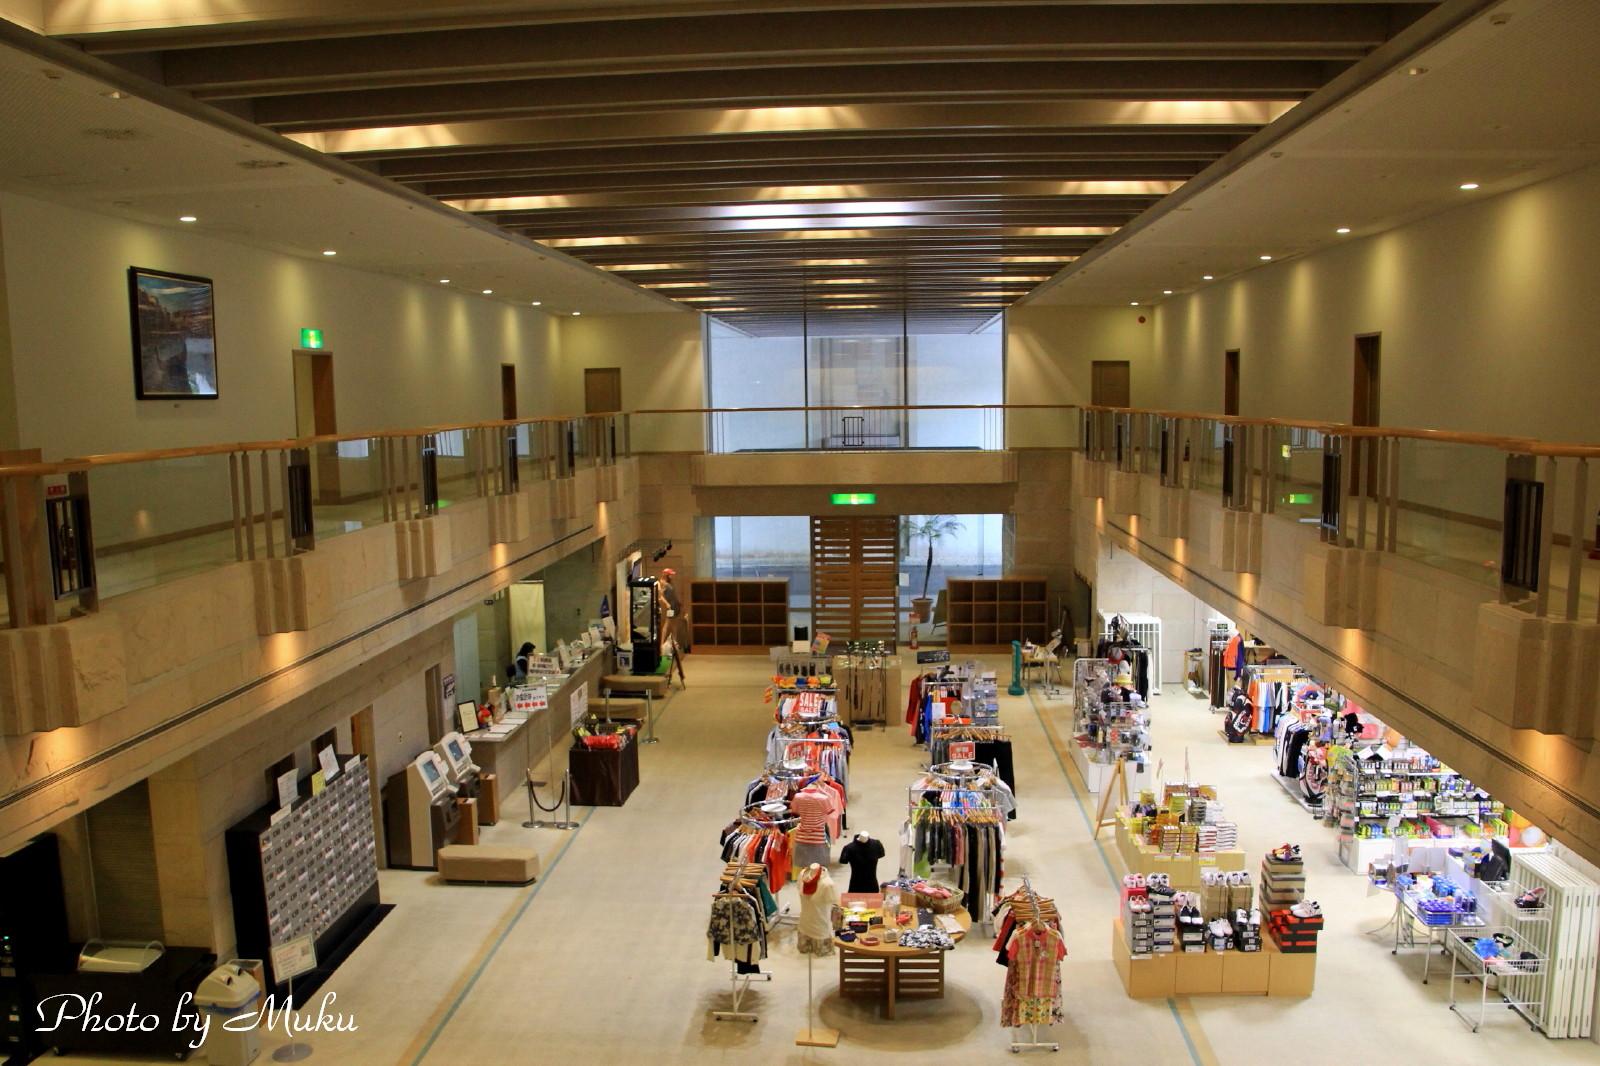 2014.9.24 クラブハウス (鴨川カントリークラブ:千葉県鴨川市)